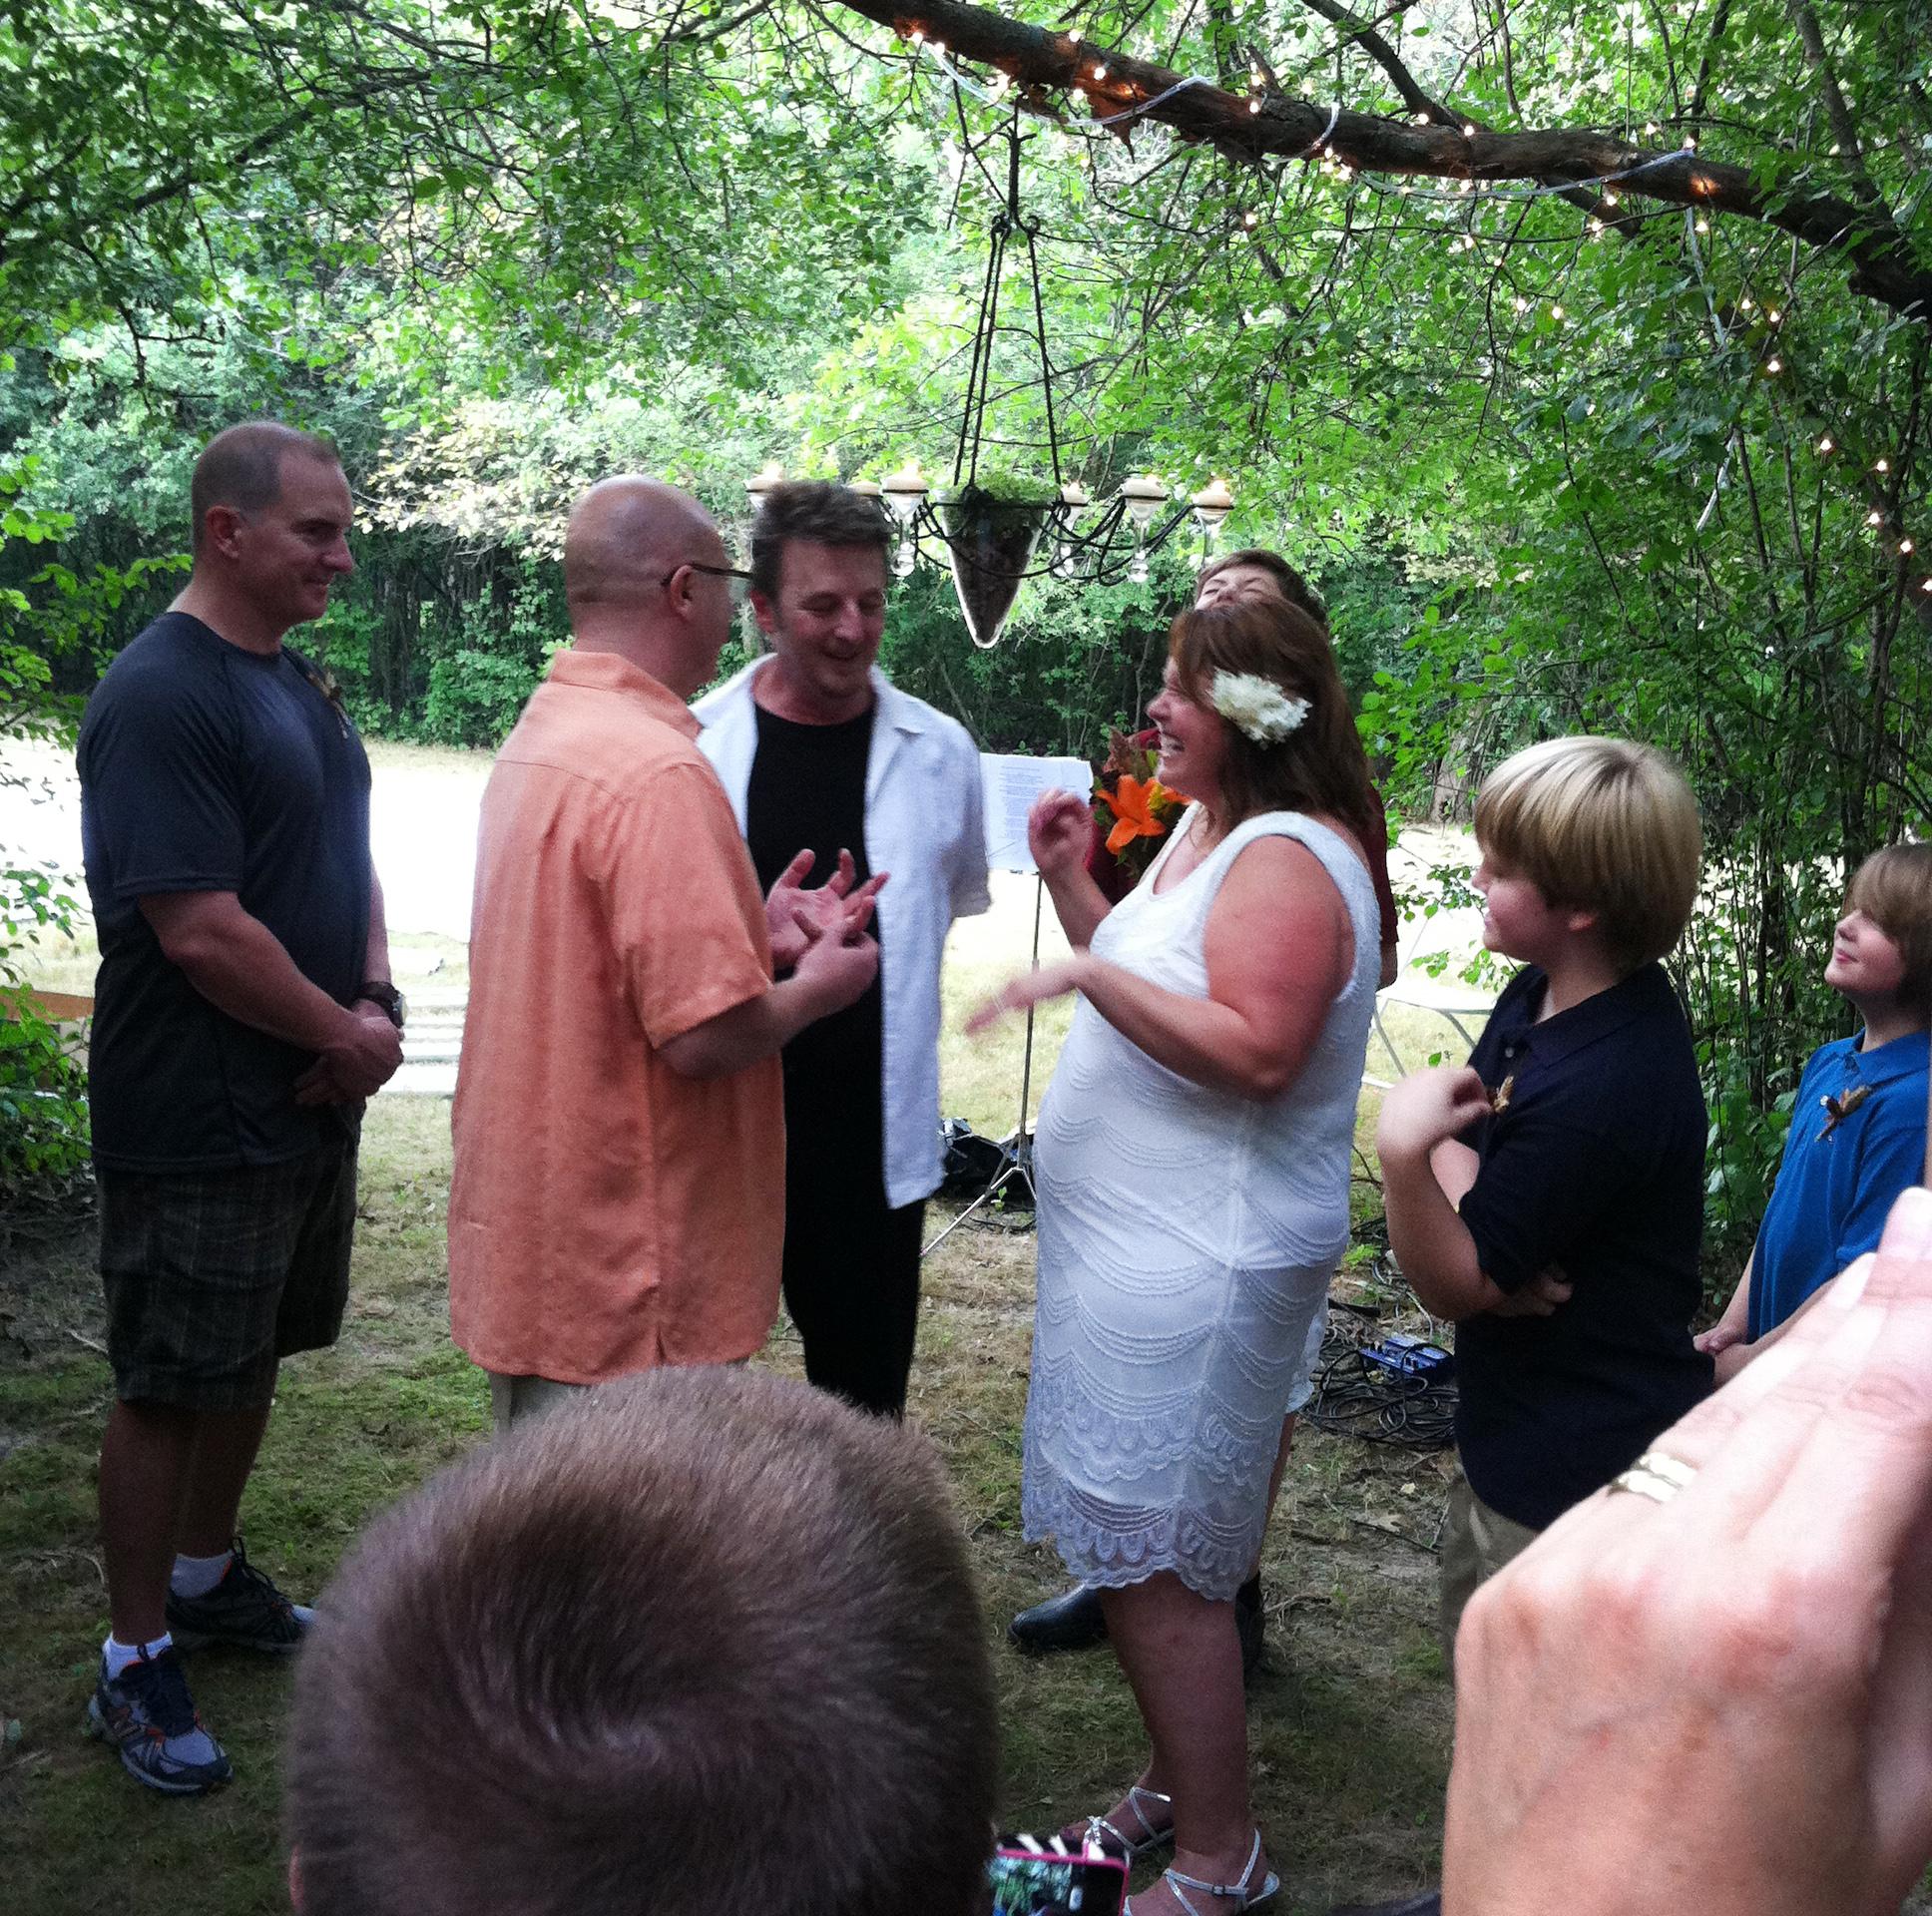 TJ's surprise wedding